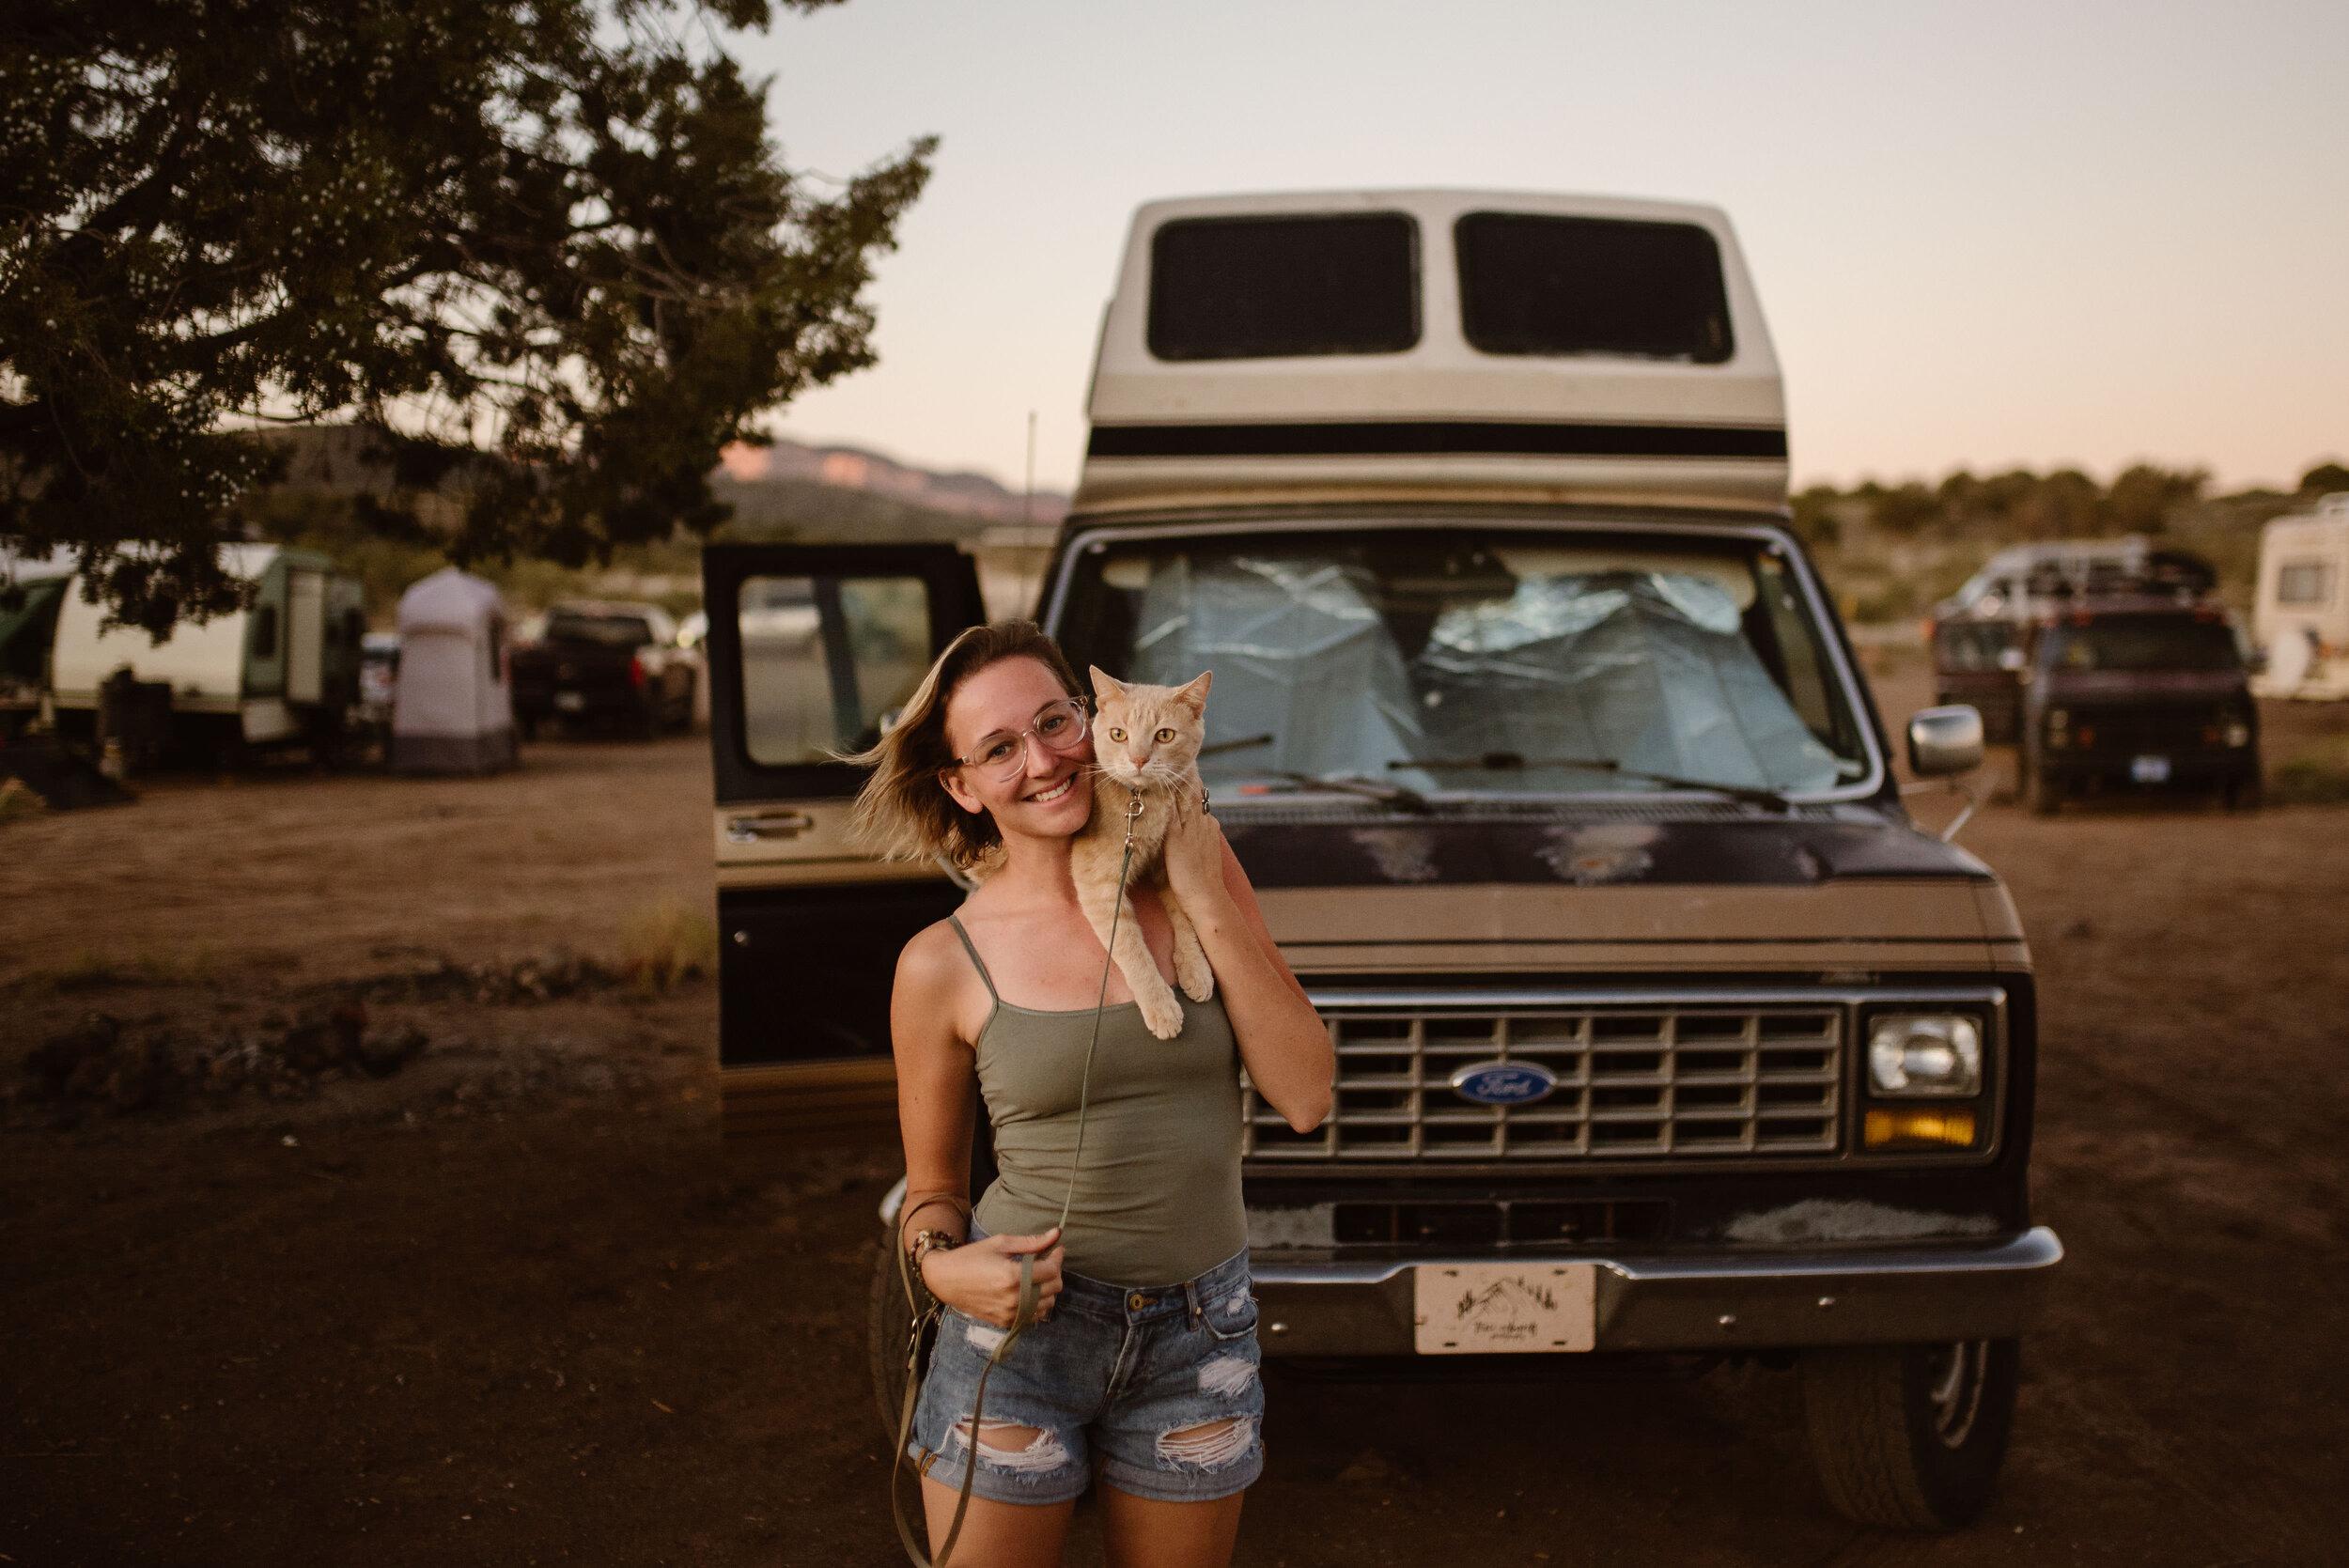 arizona-van-life-with-cat